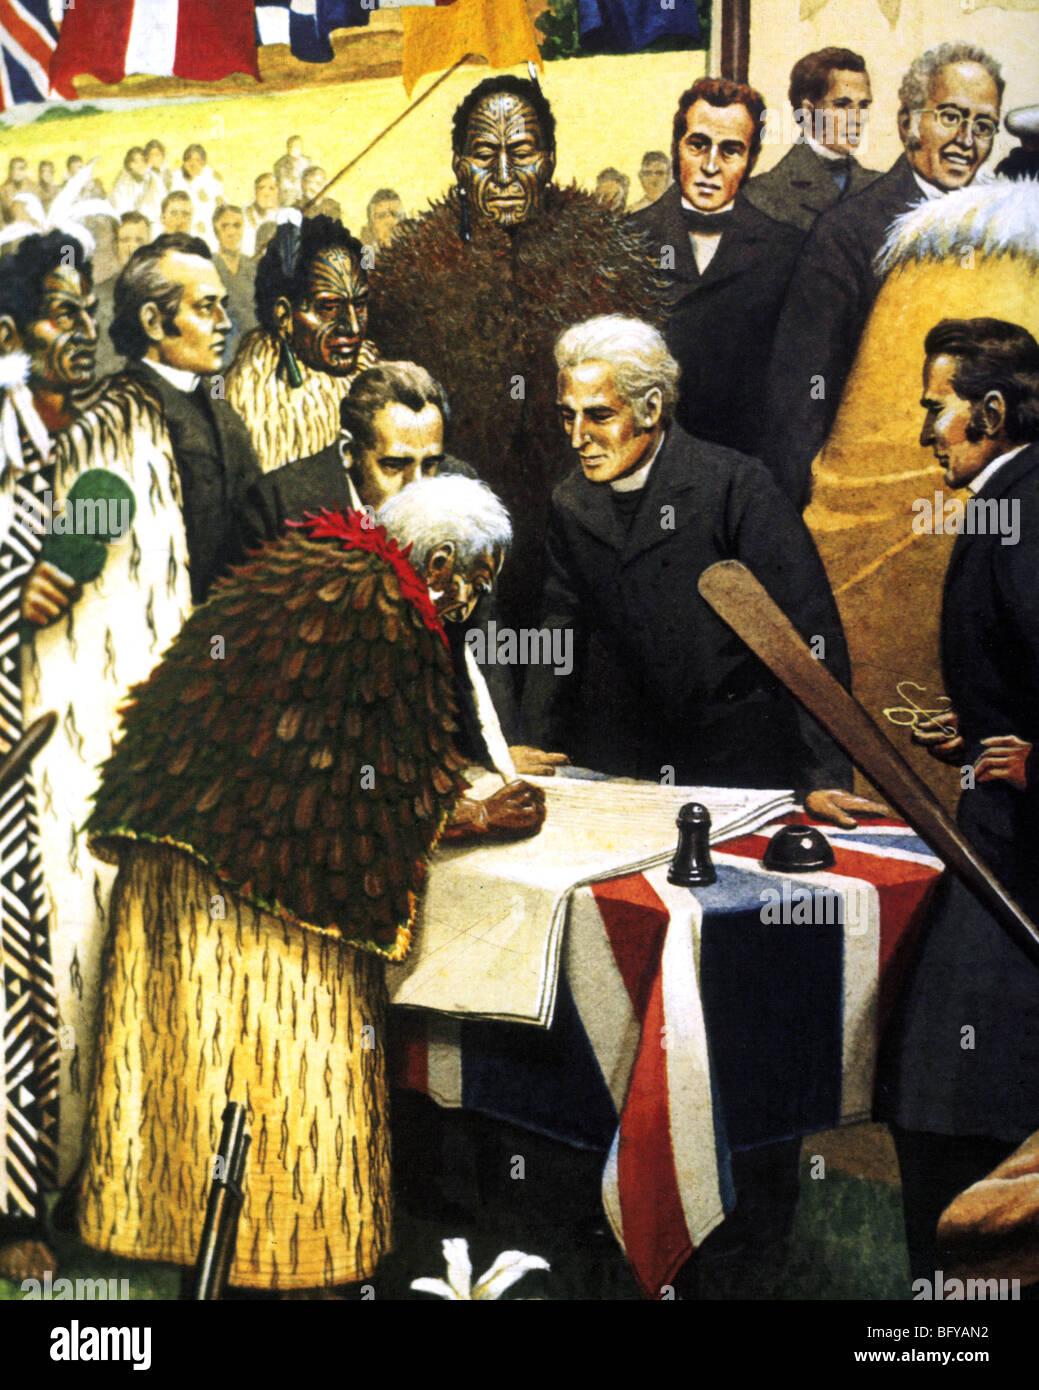 Trattato di Waitangi è firmato dai capi Maori in 1840 ceading Nuova Zelanda per la corona britannica Immagini Stock